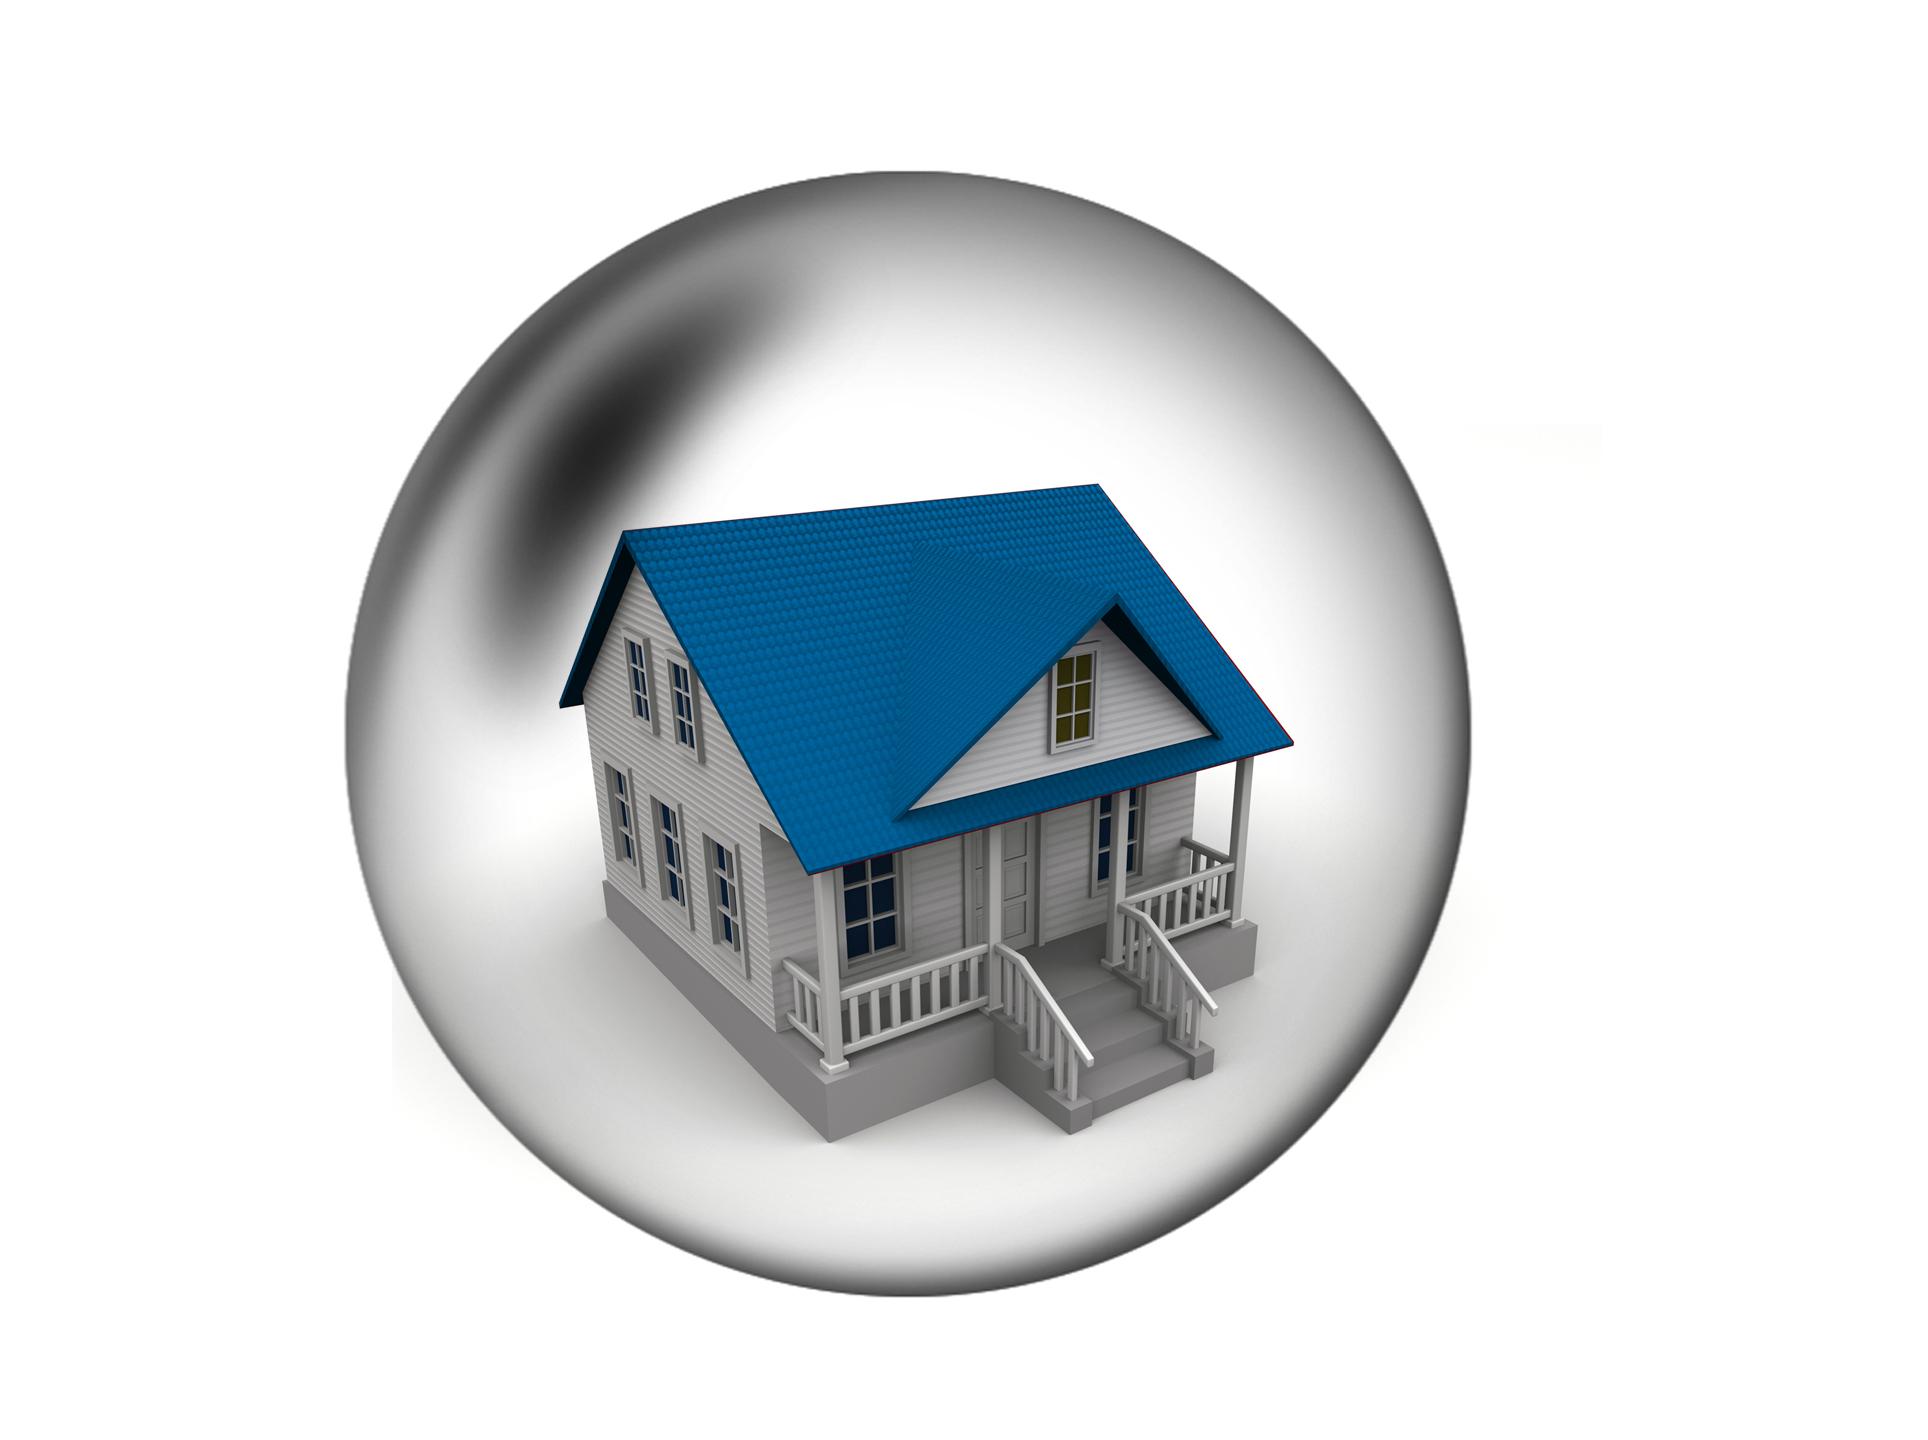 Asesores inmobiliarios que es una burbuja inmobiliaria for Inmobiliaria o inmobiliaria